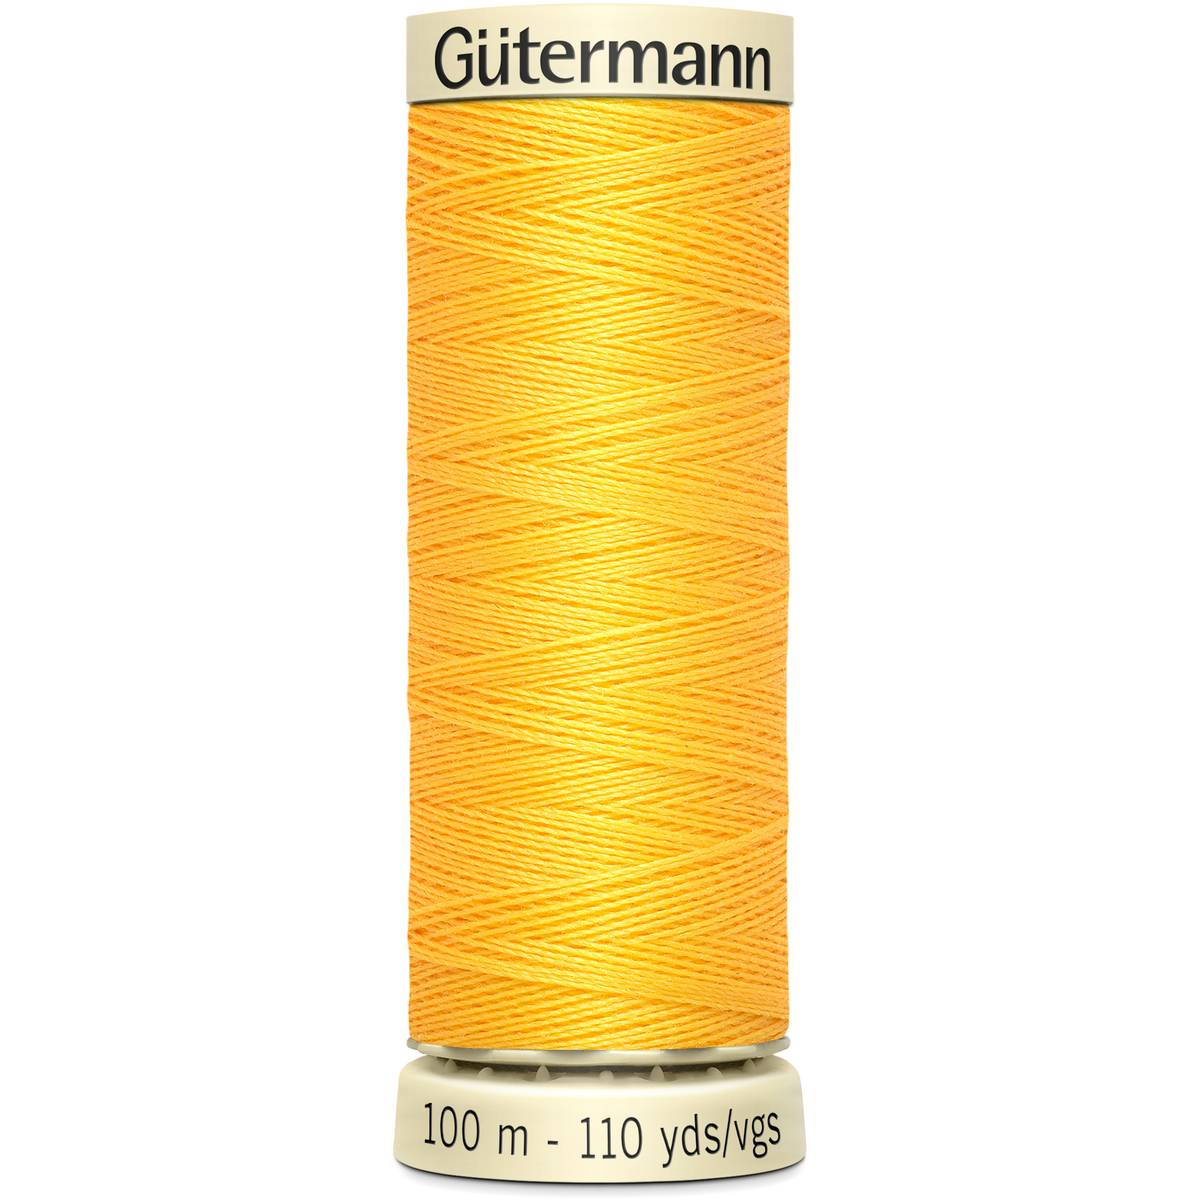 חוט תפירה גוטרמן - Yellow 417